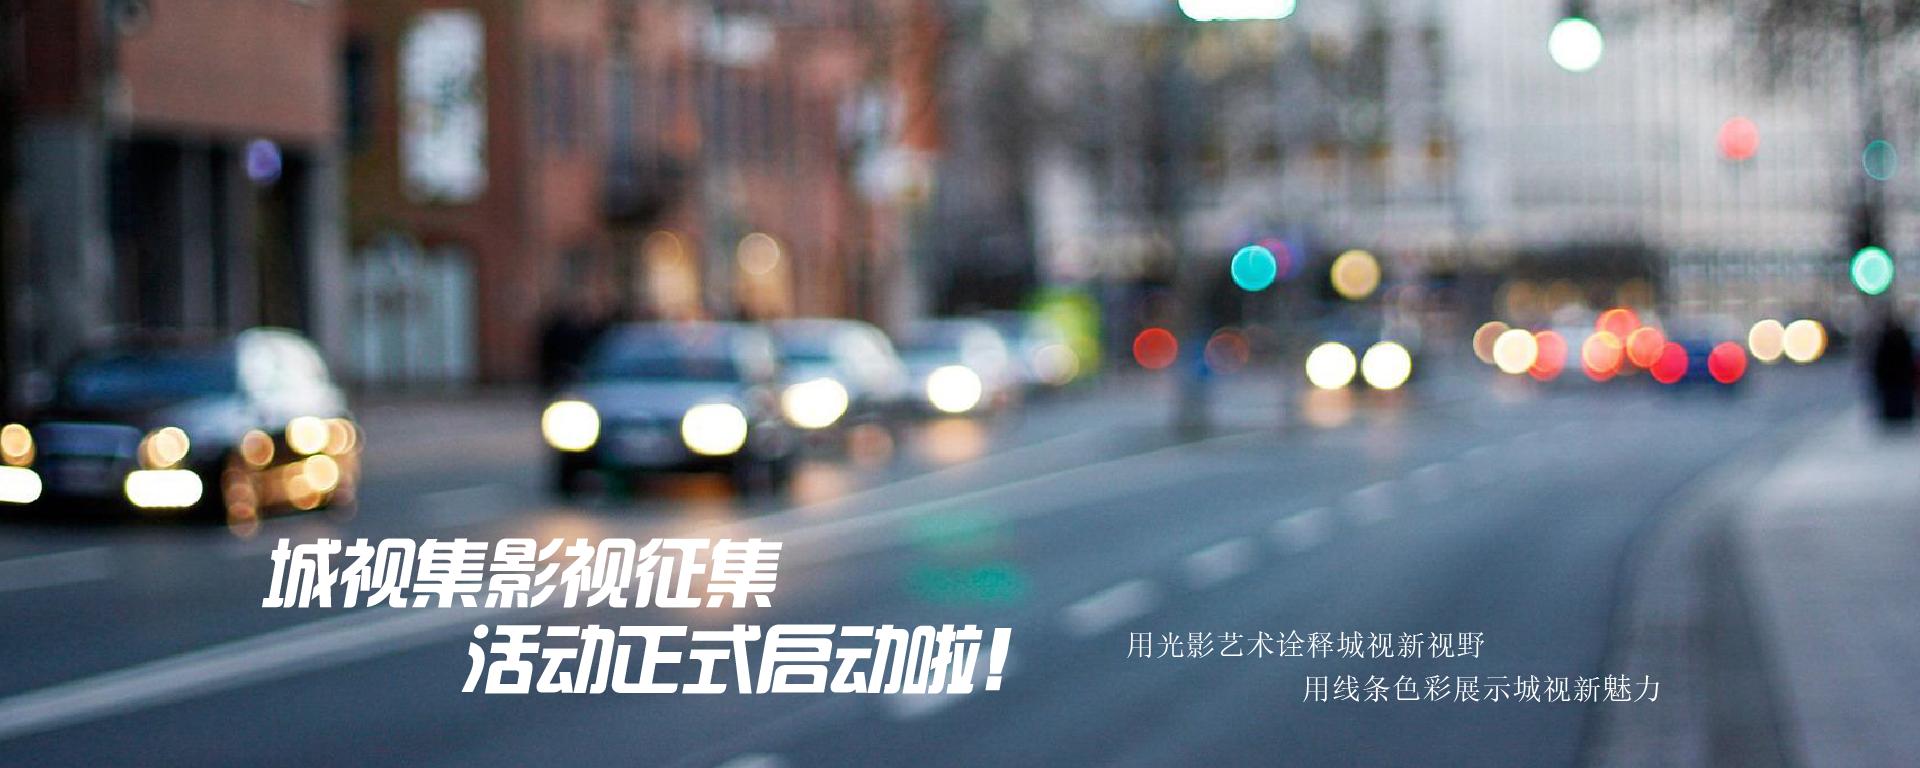 城市集影视征集活动正式启动啦!